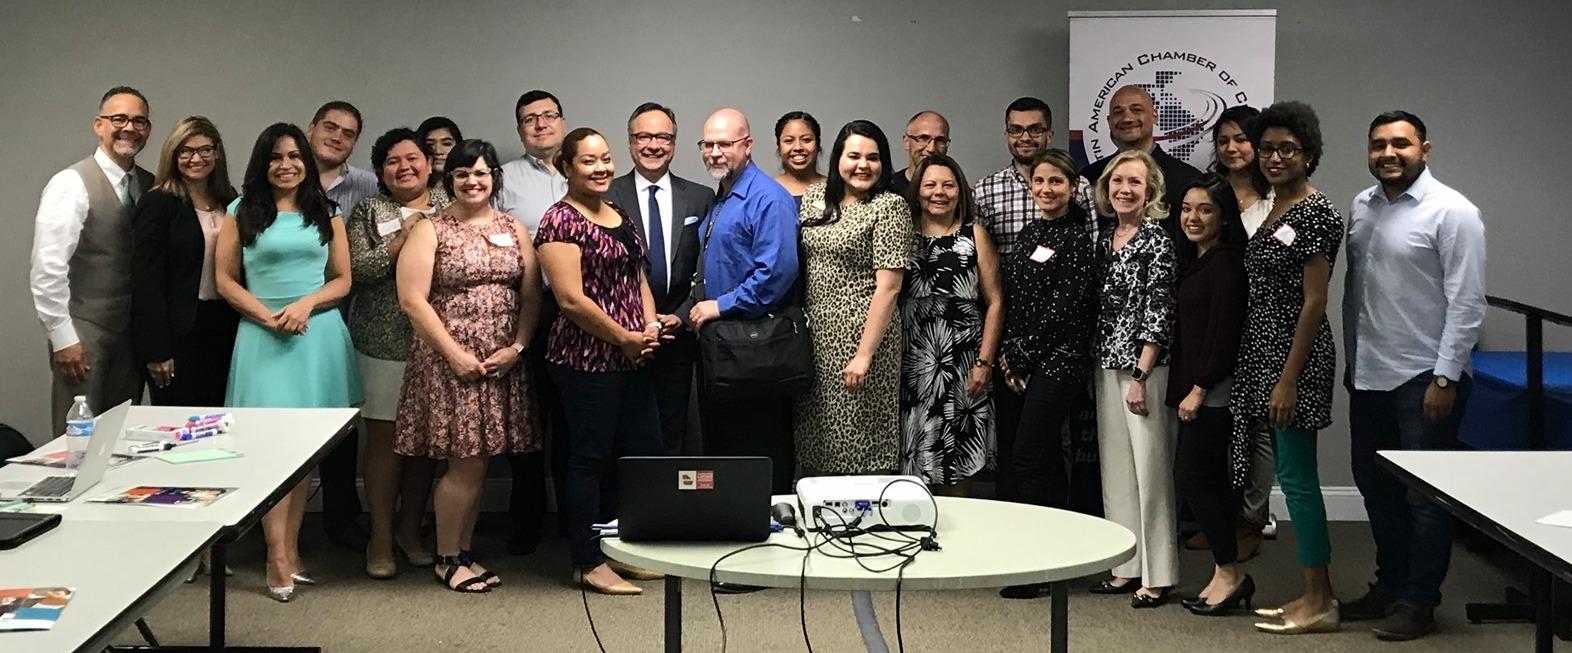 Foto tomada durante el la cumbre latina para discutir el censo en 2019. No todas las organizaciones participantes en el comité pudieron asistir